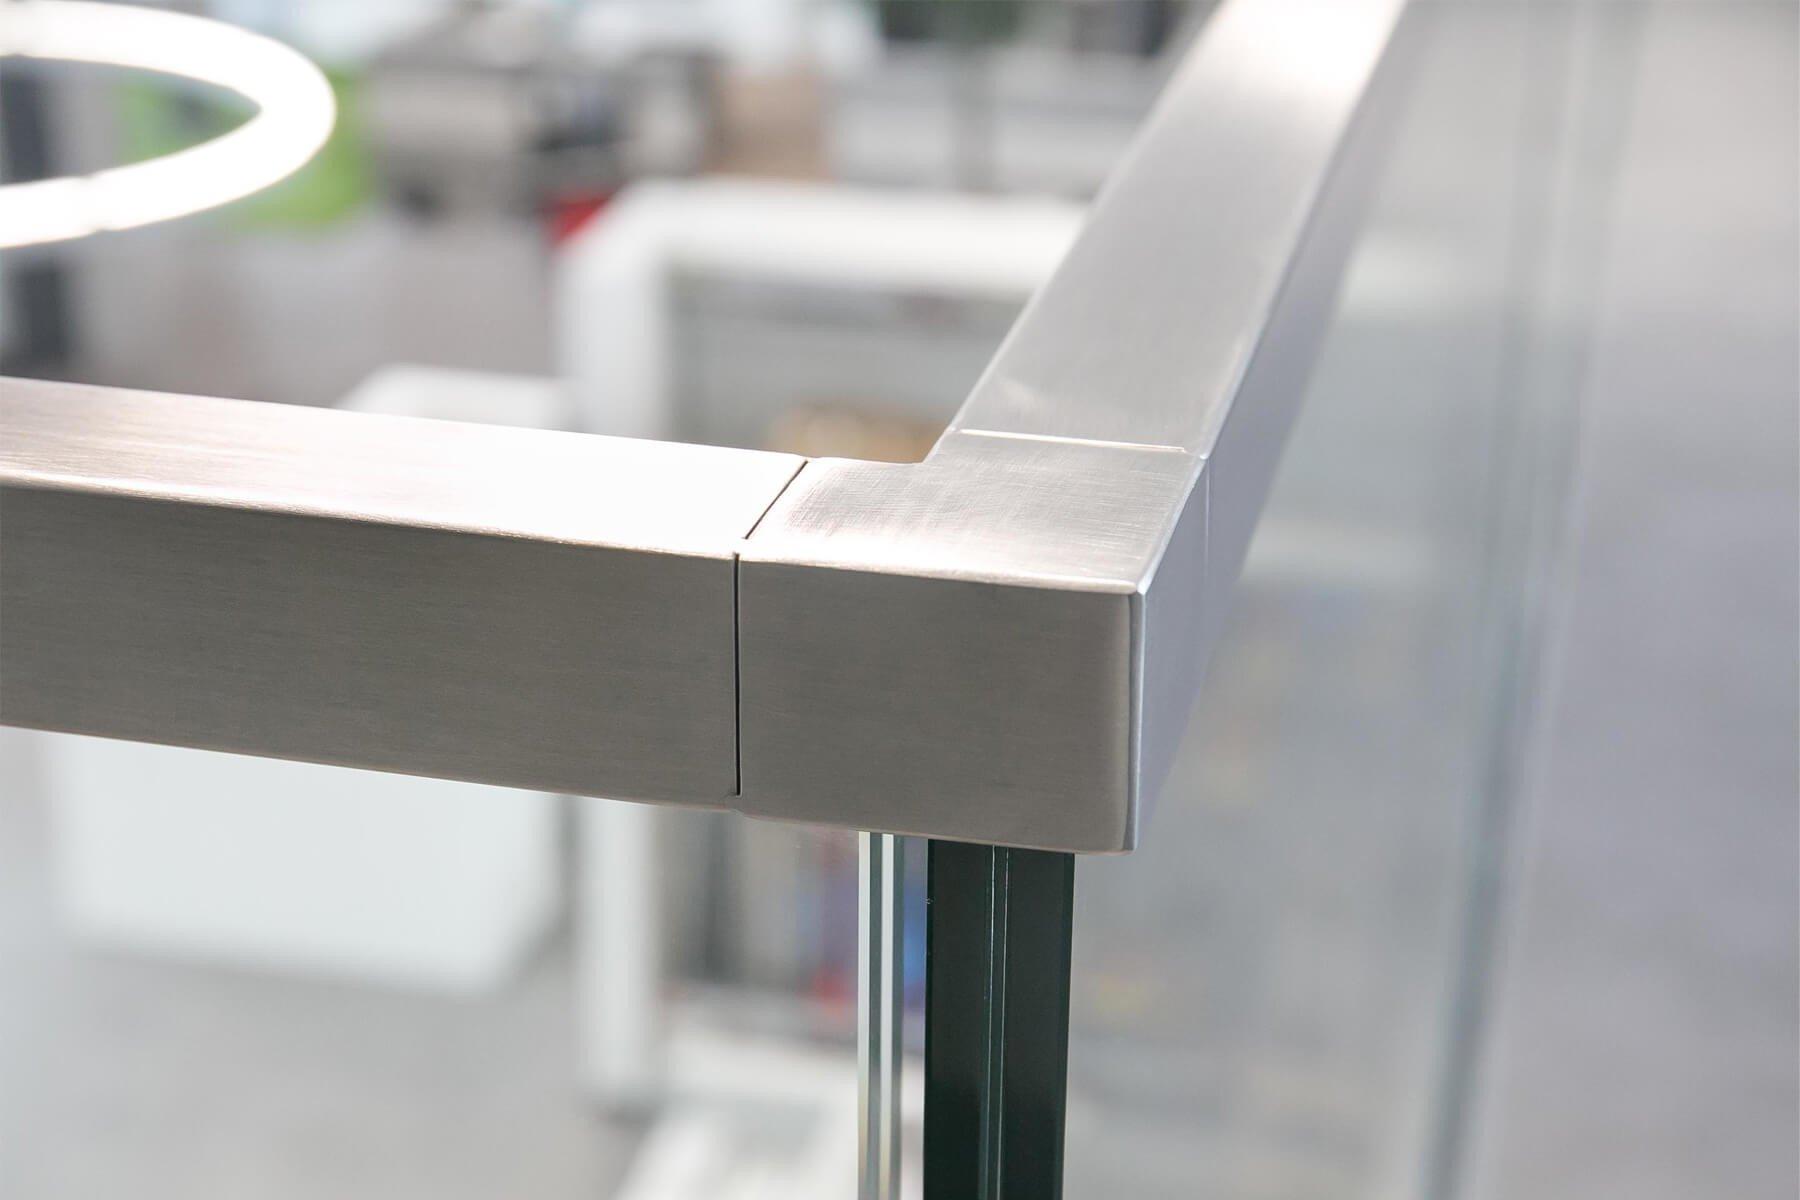 Hochwertiger Handlauf aus Edelstahl für Glasgeländer